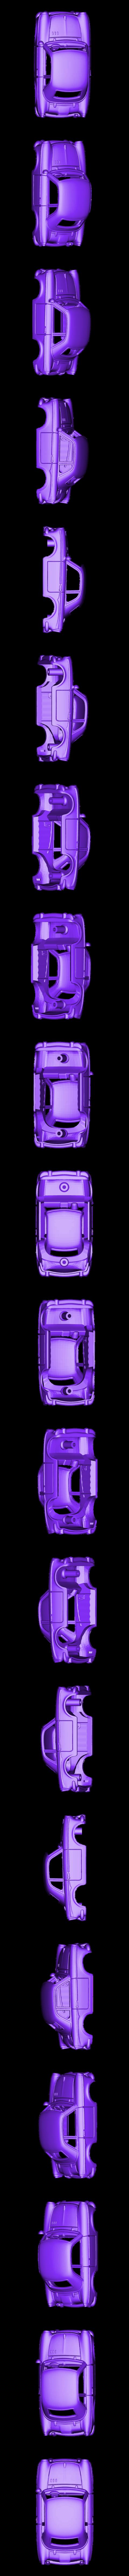 Pony_Car_Body.stl Télécharger fichier OBJ gratuit Voiture jouet poney • Modèle pour impression 3D, Slava_Z